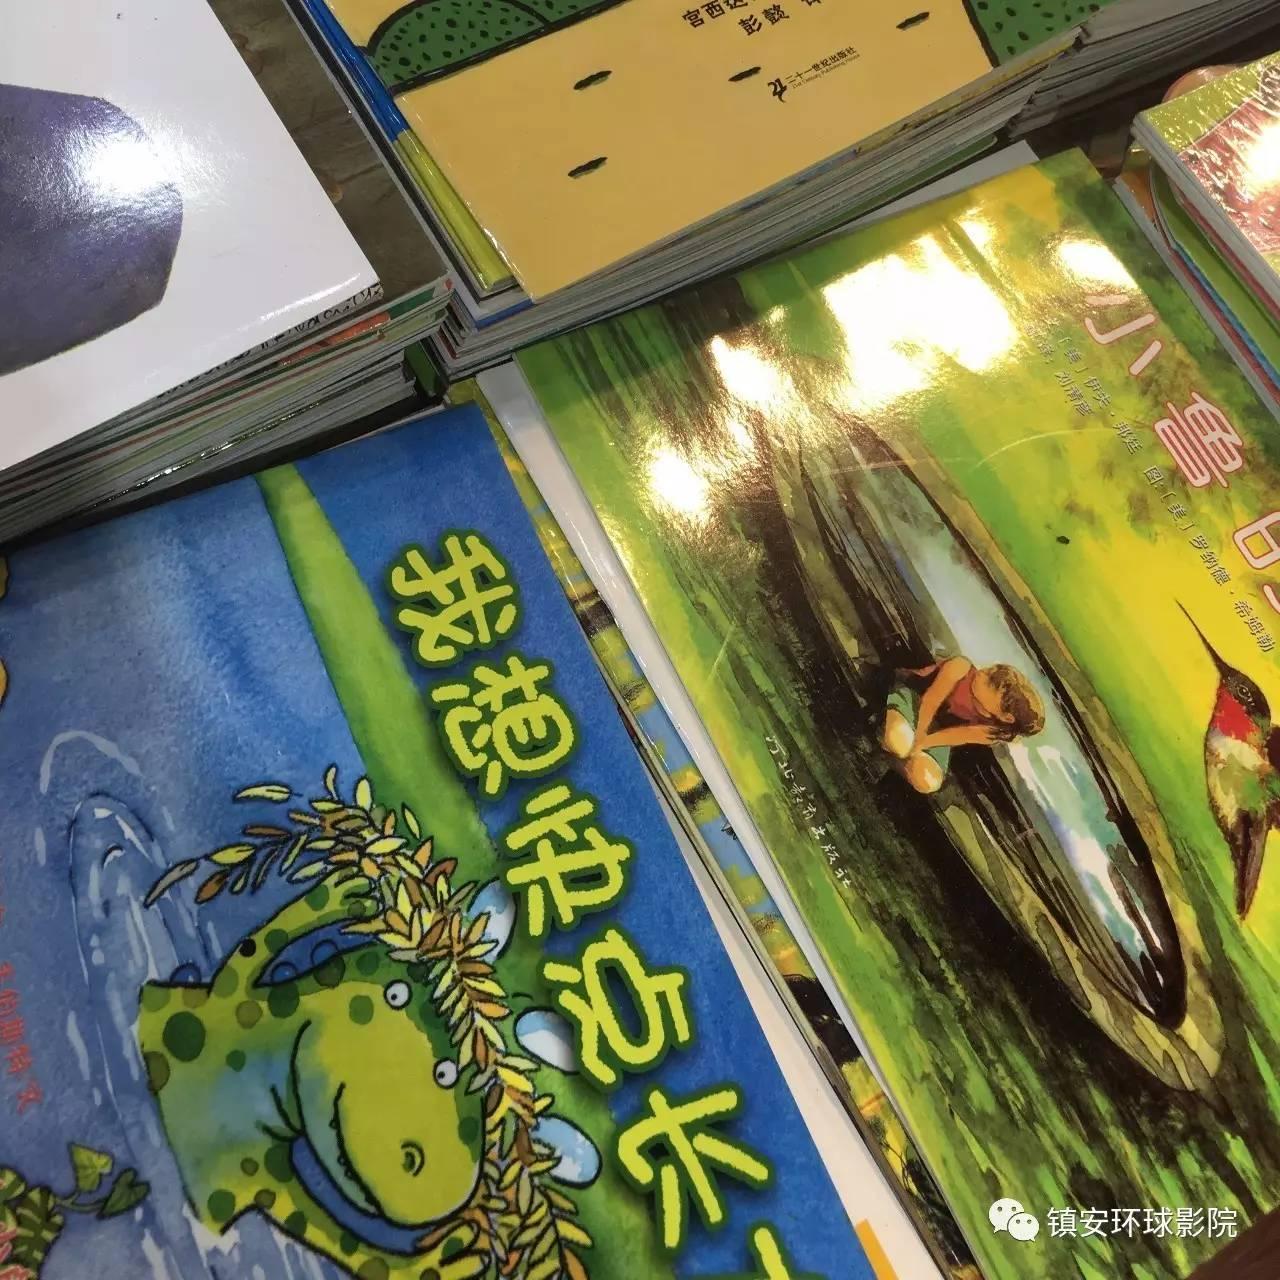 【7月18日电影排期】《深夜食堂》陪你一起看尽人生百态,品尝酸甜苦辣!